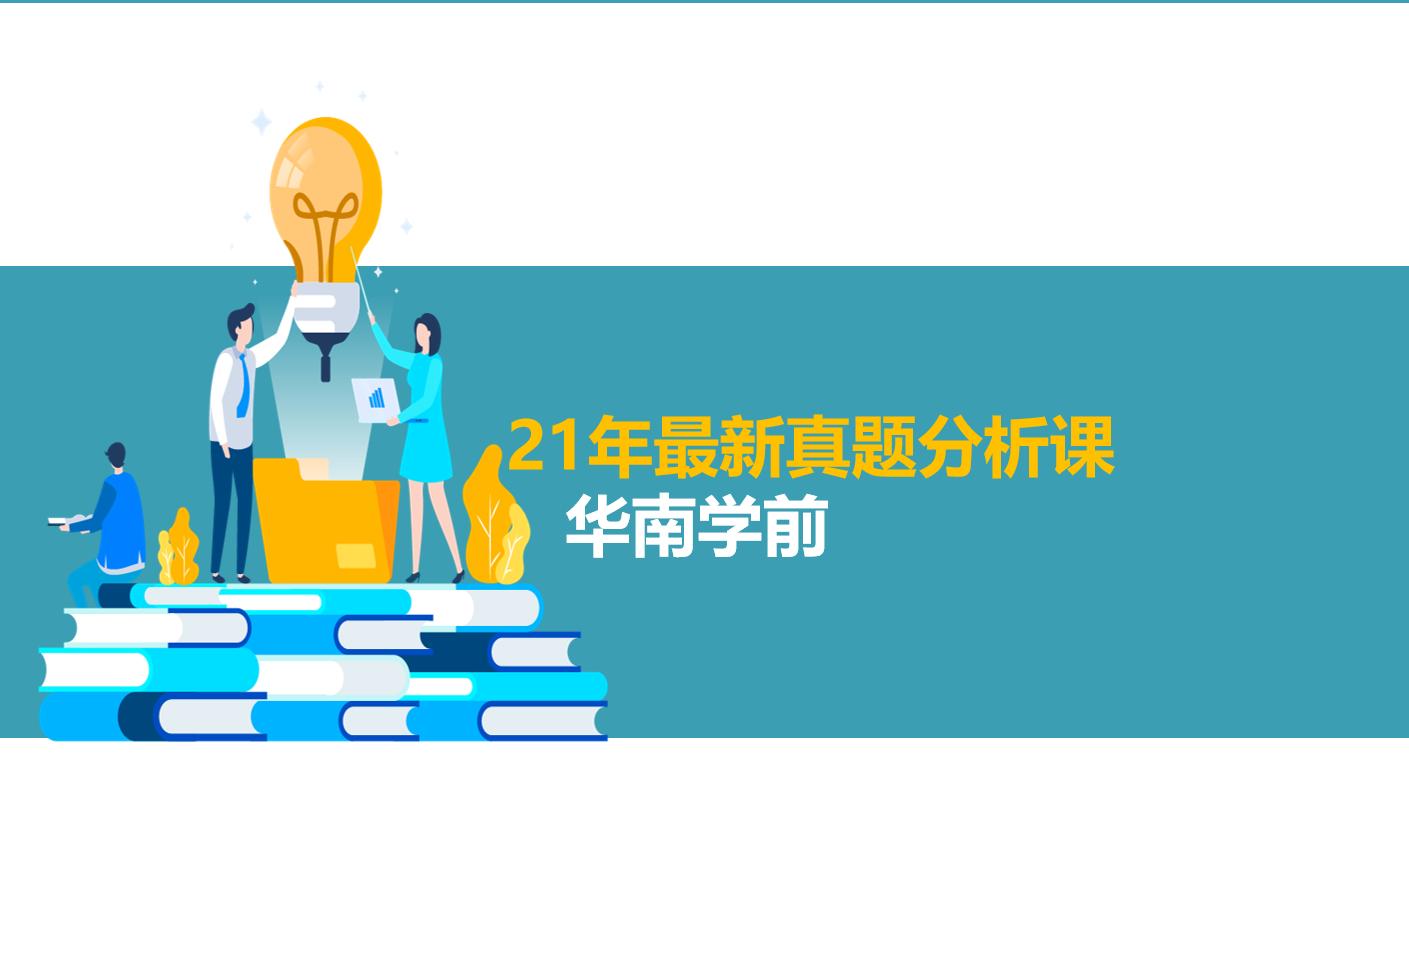 2021教育学考研之华南学前真题分析课